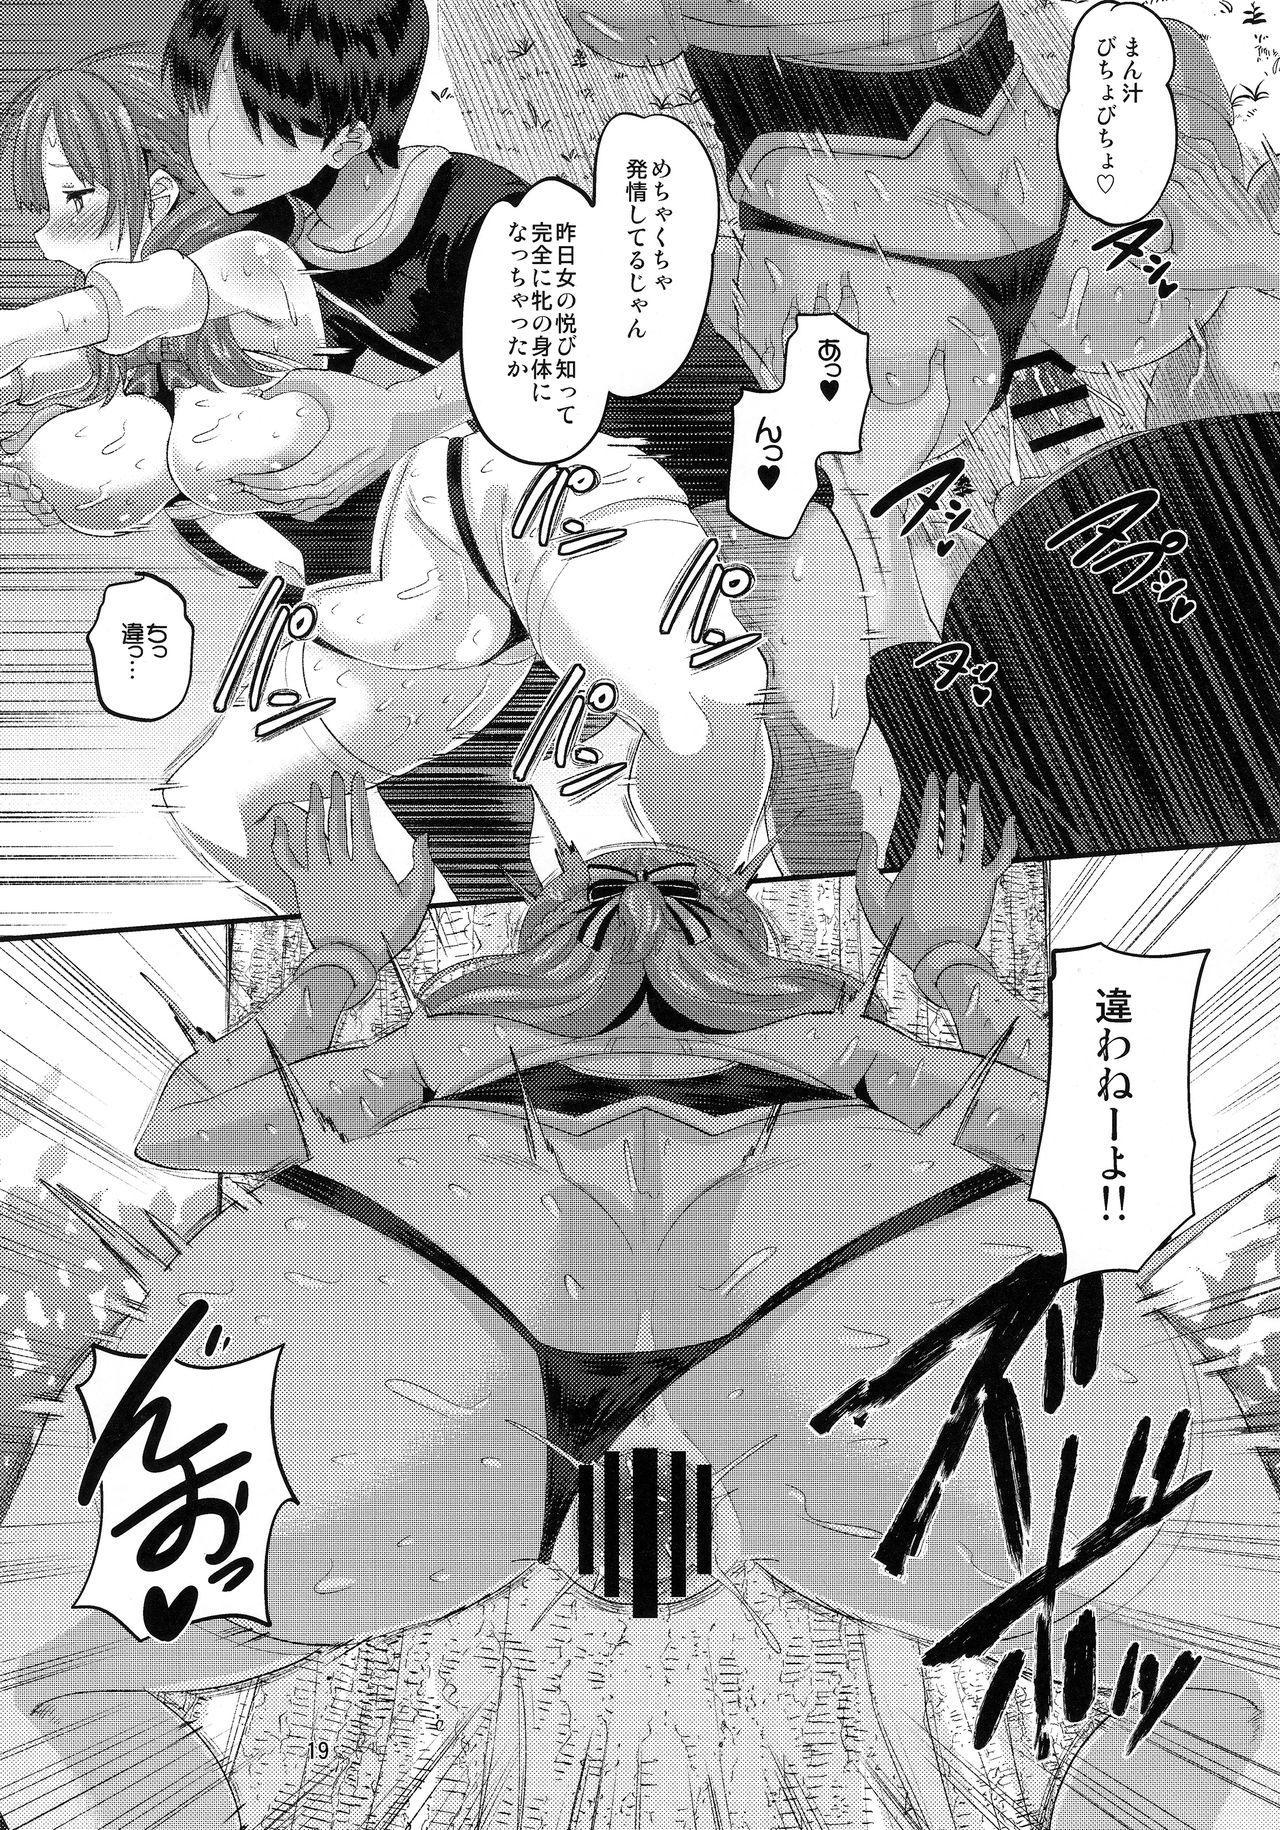 Musuko to Onaji Toshigoro no Otoko ni Otosareru Okaa-san wa Suki desu ka? 17